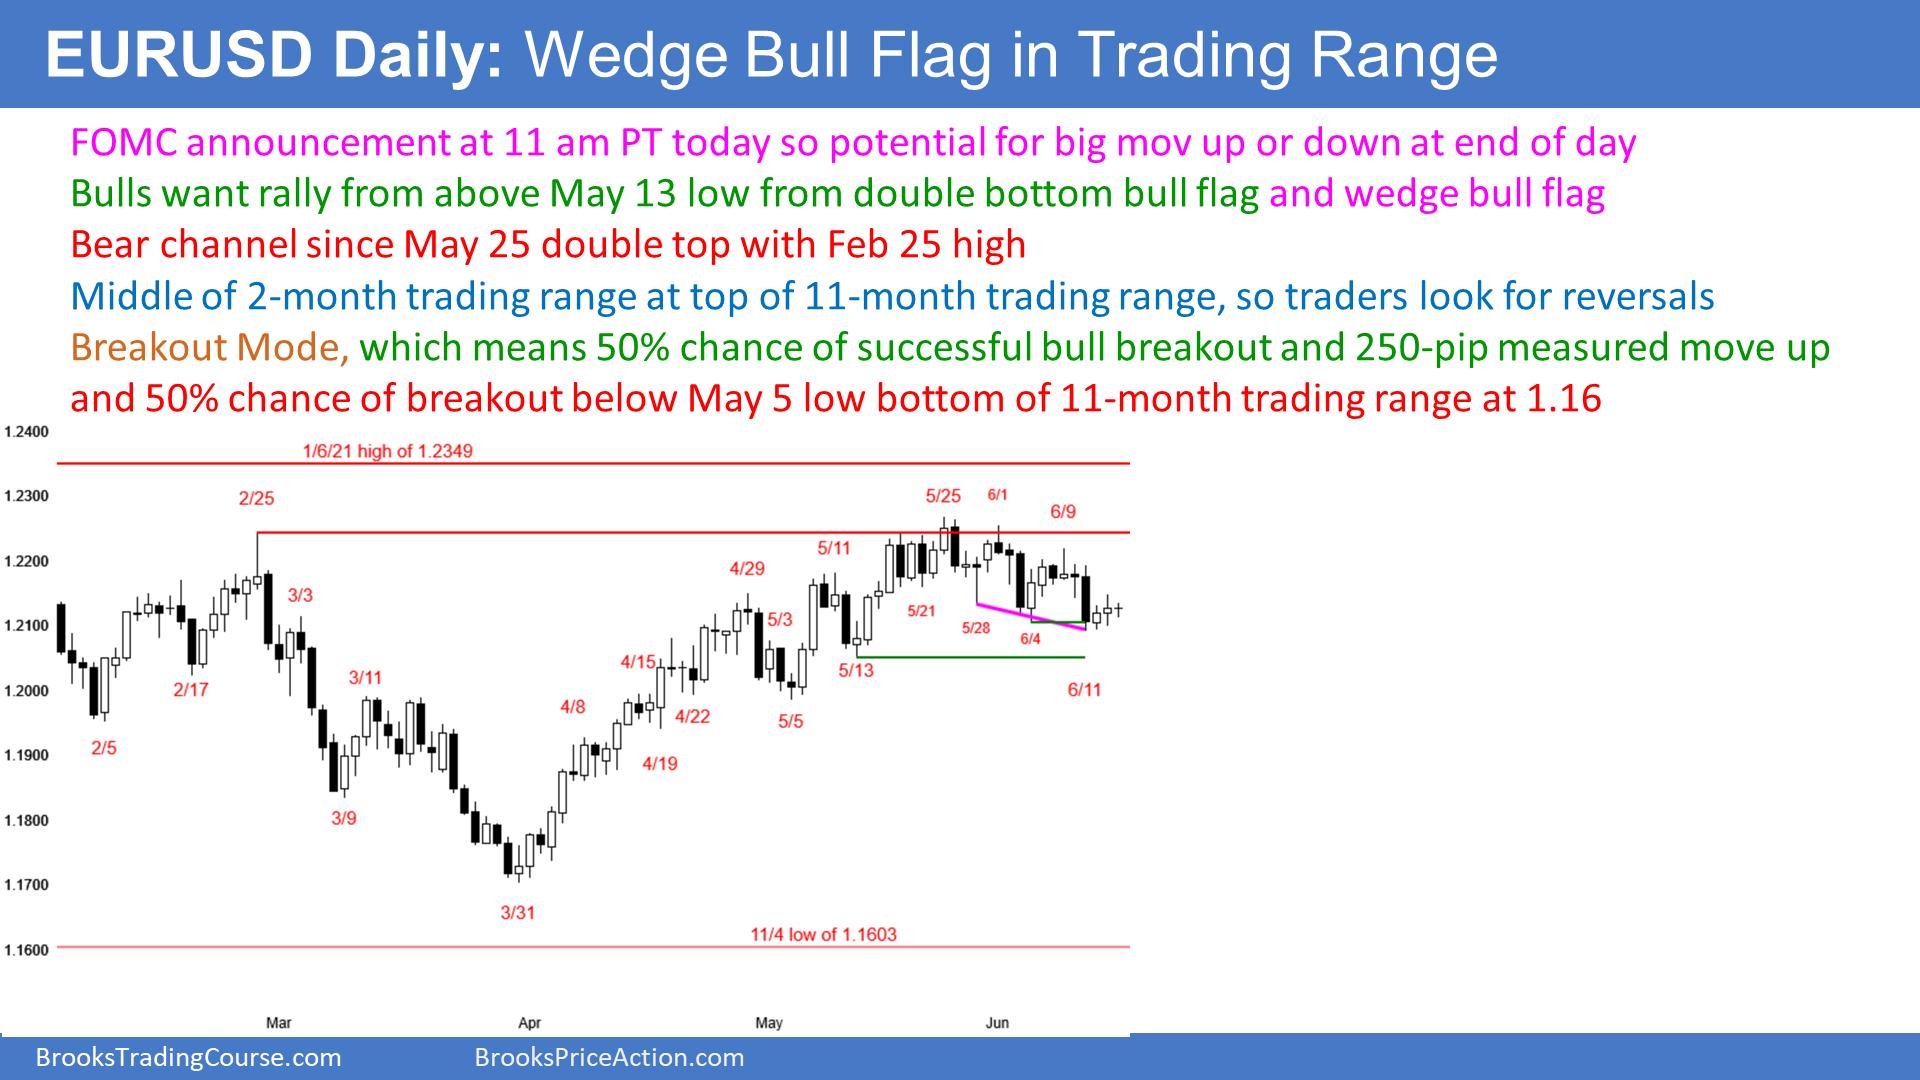 EUR/USD Forex Daily Pre-FOMC | Investing.com